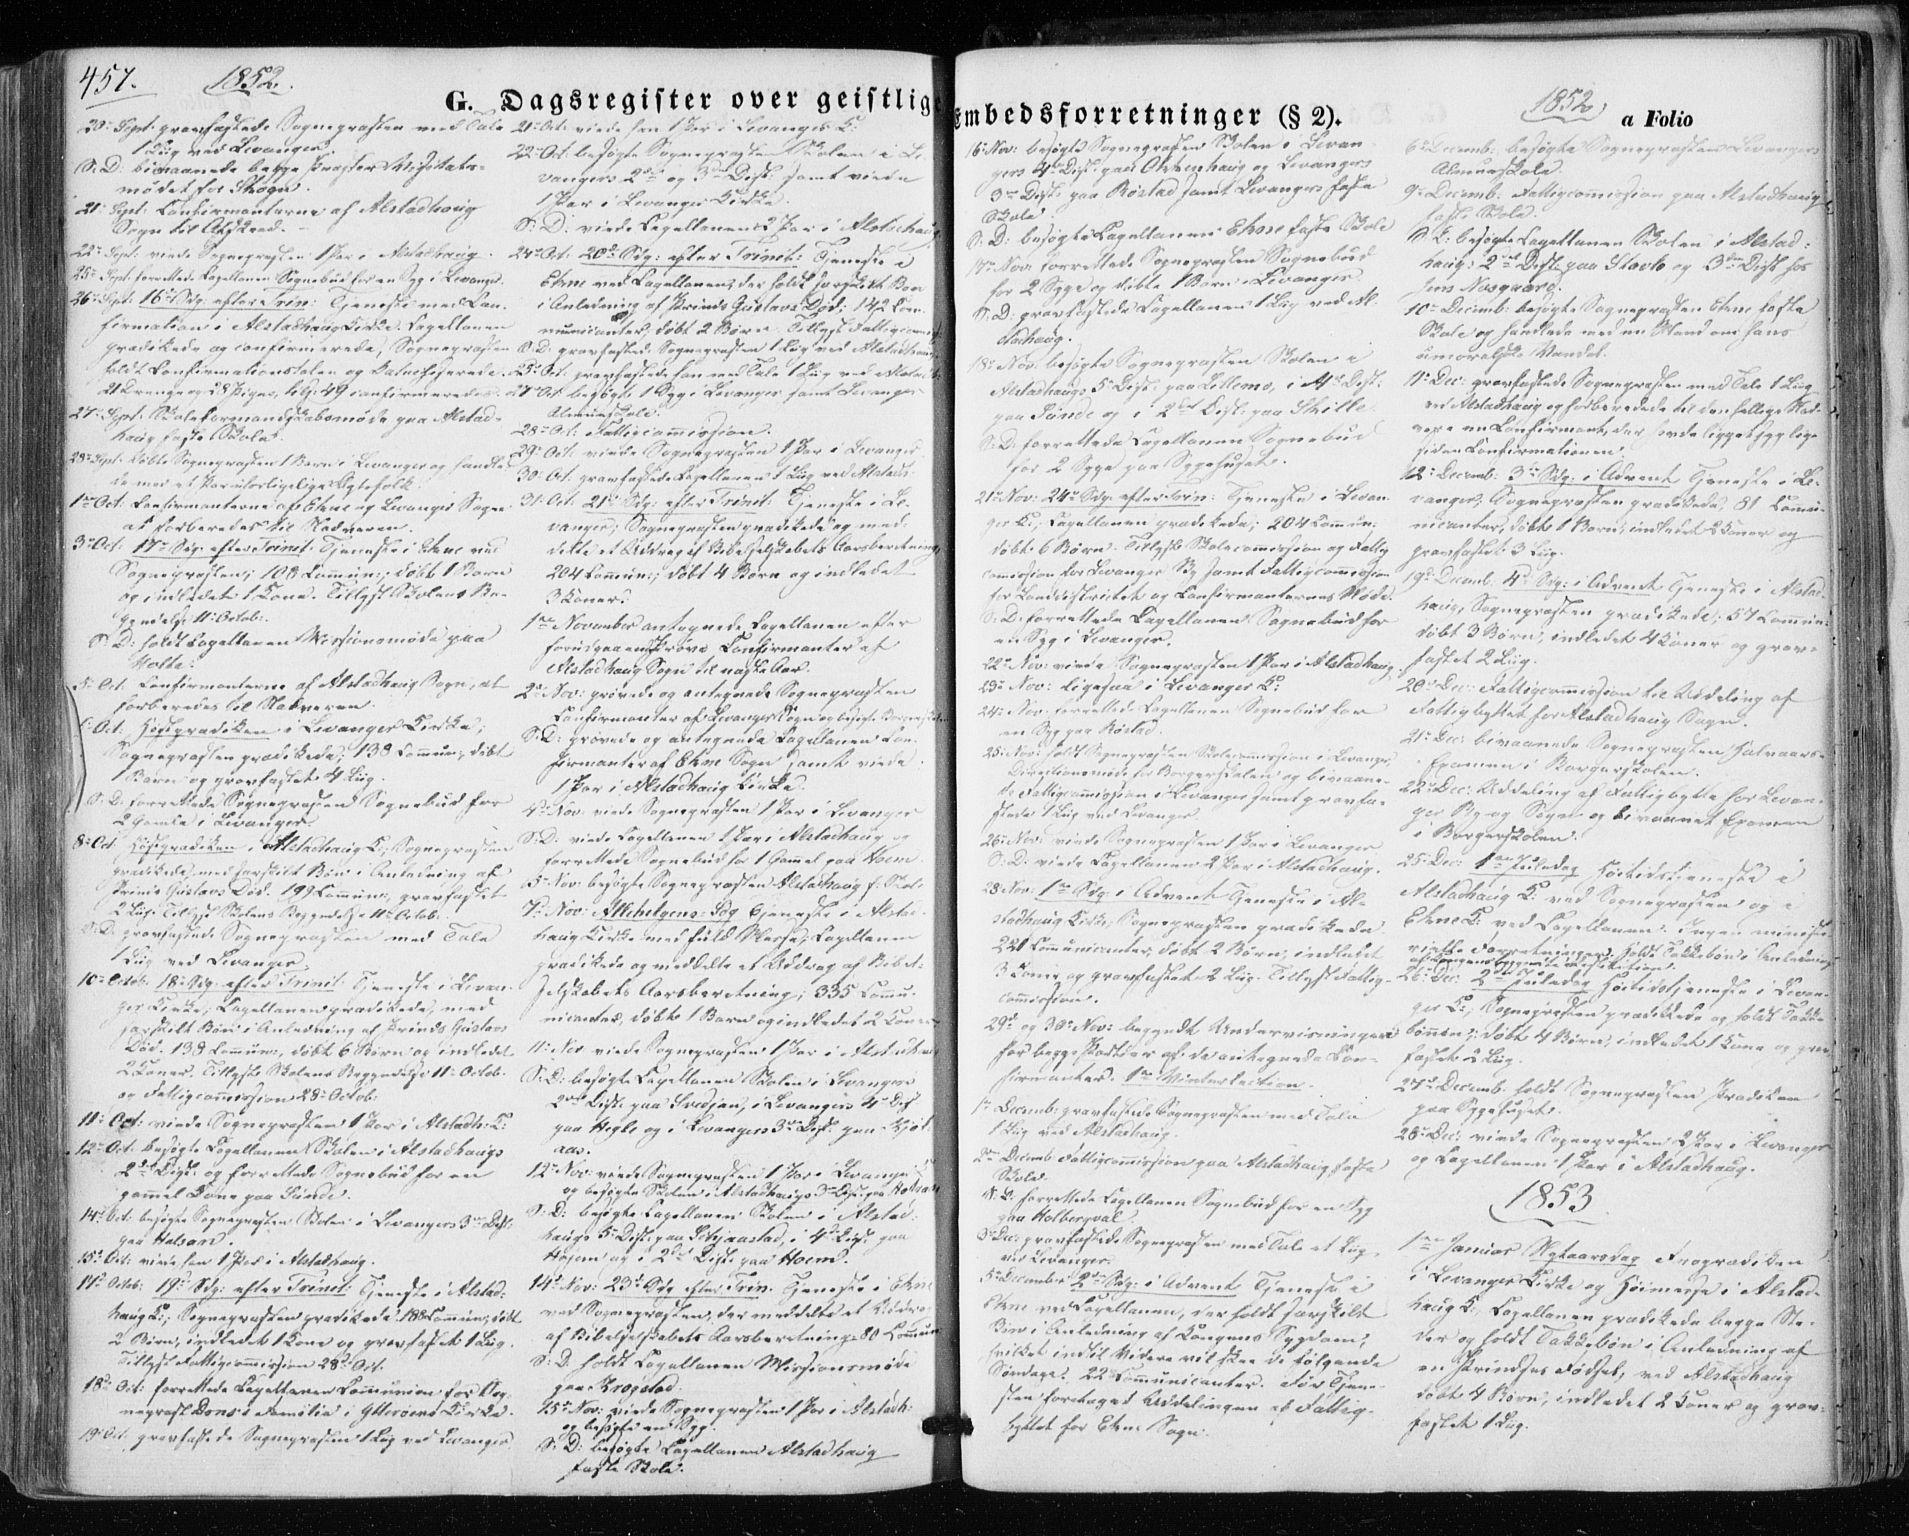 SAT, Ministerialprotokoller, klokkerbøker og fødselsregistre - Nord-Trøndelag, 717/L0154: Ministerialbok nr. 717A07 /1, 1850-1862, s. 457